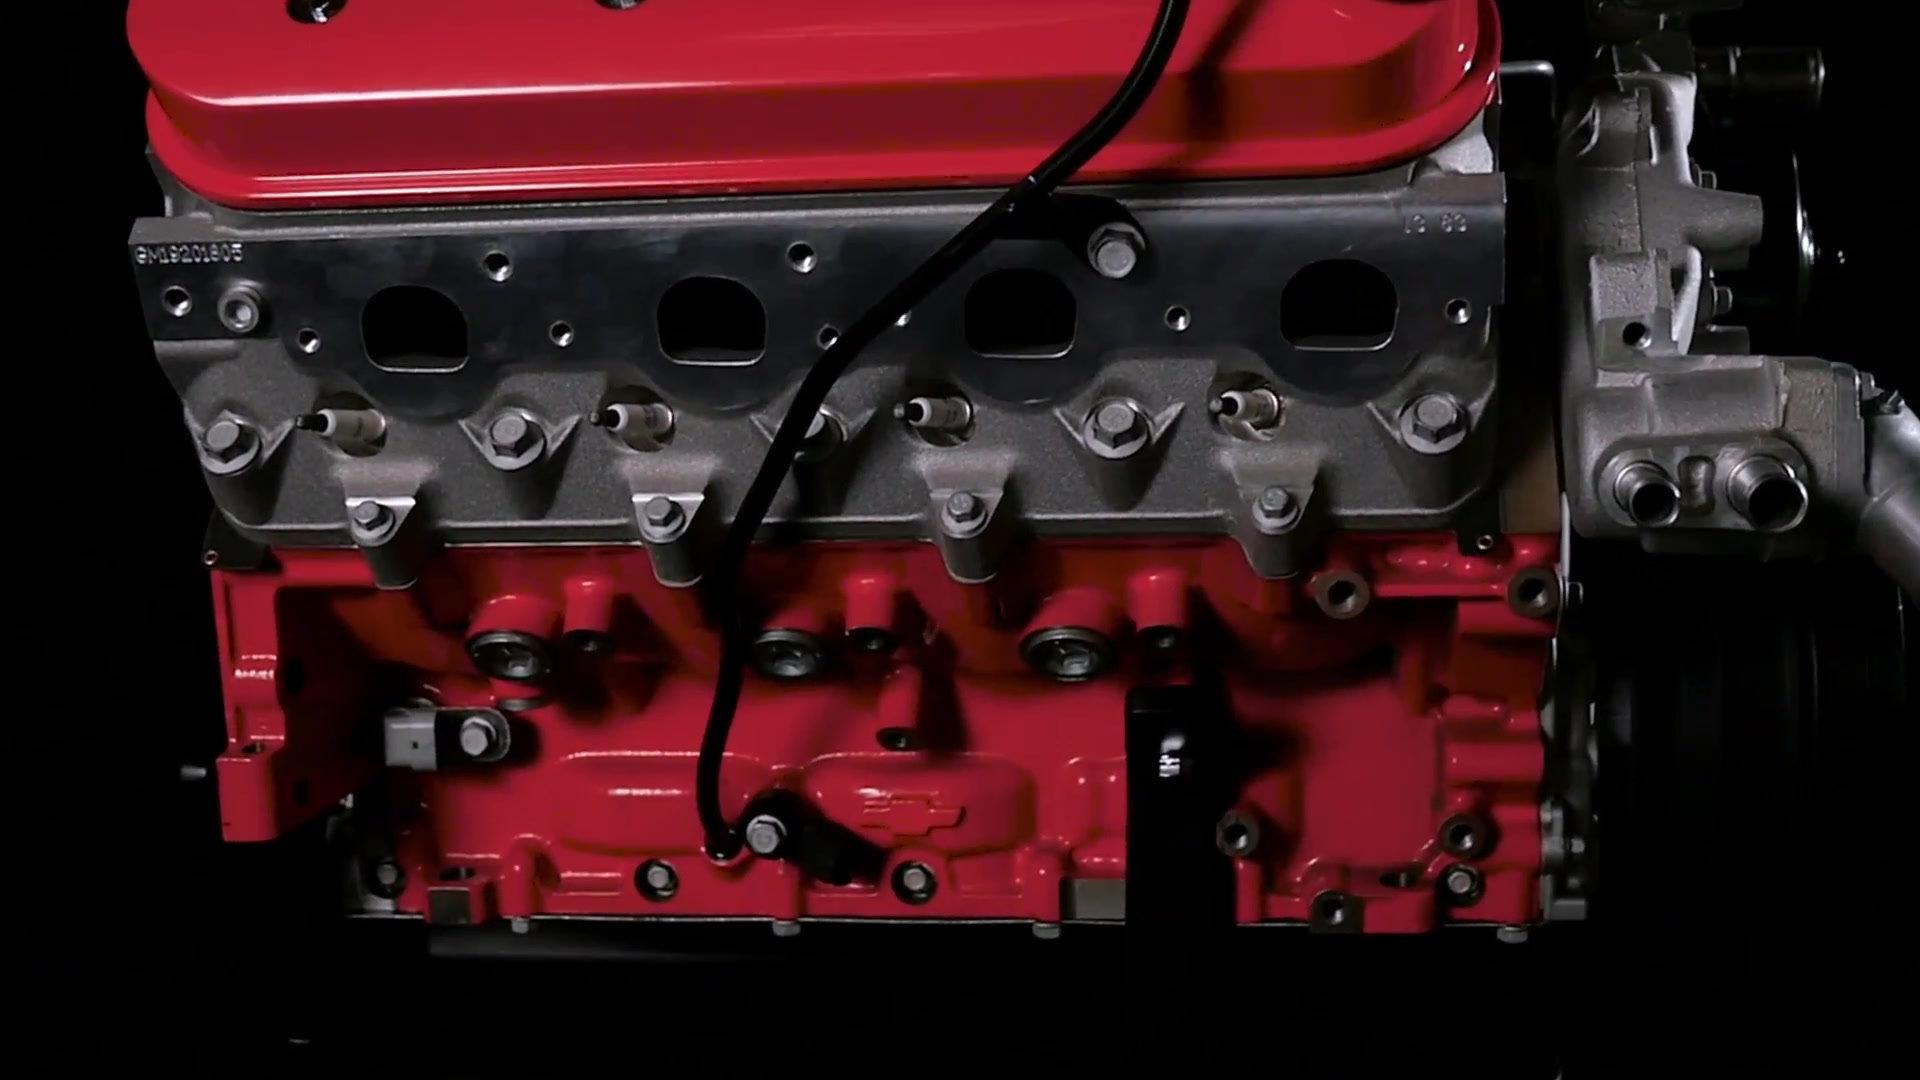 LSX376-B15